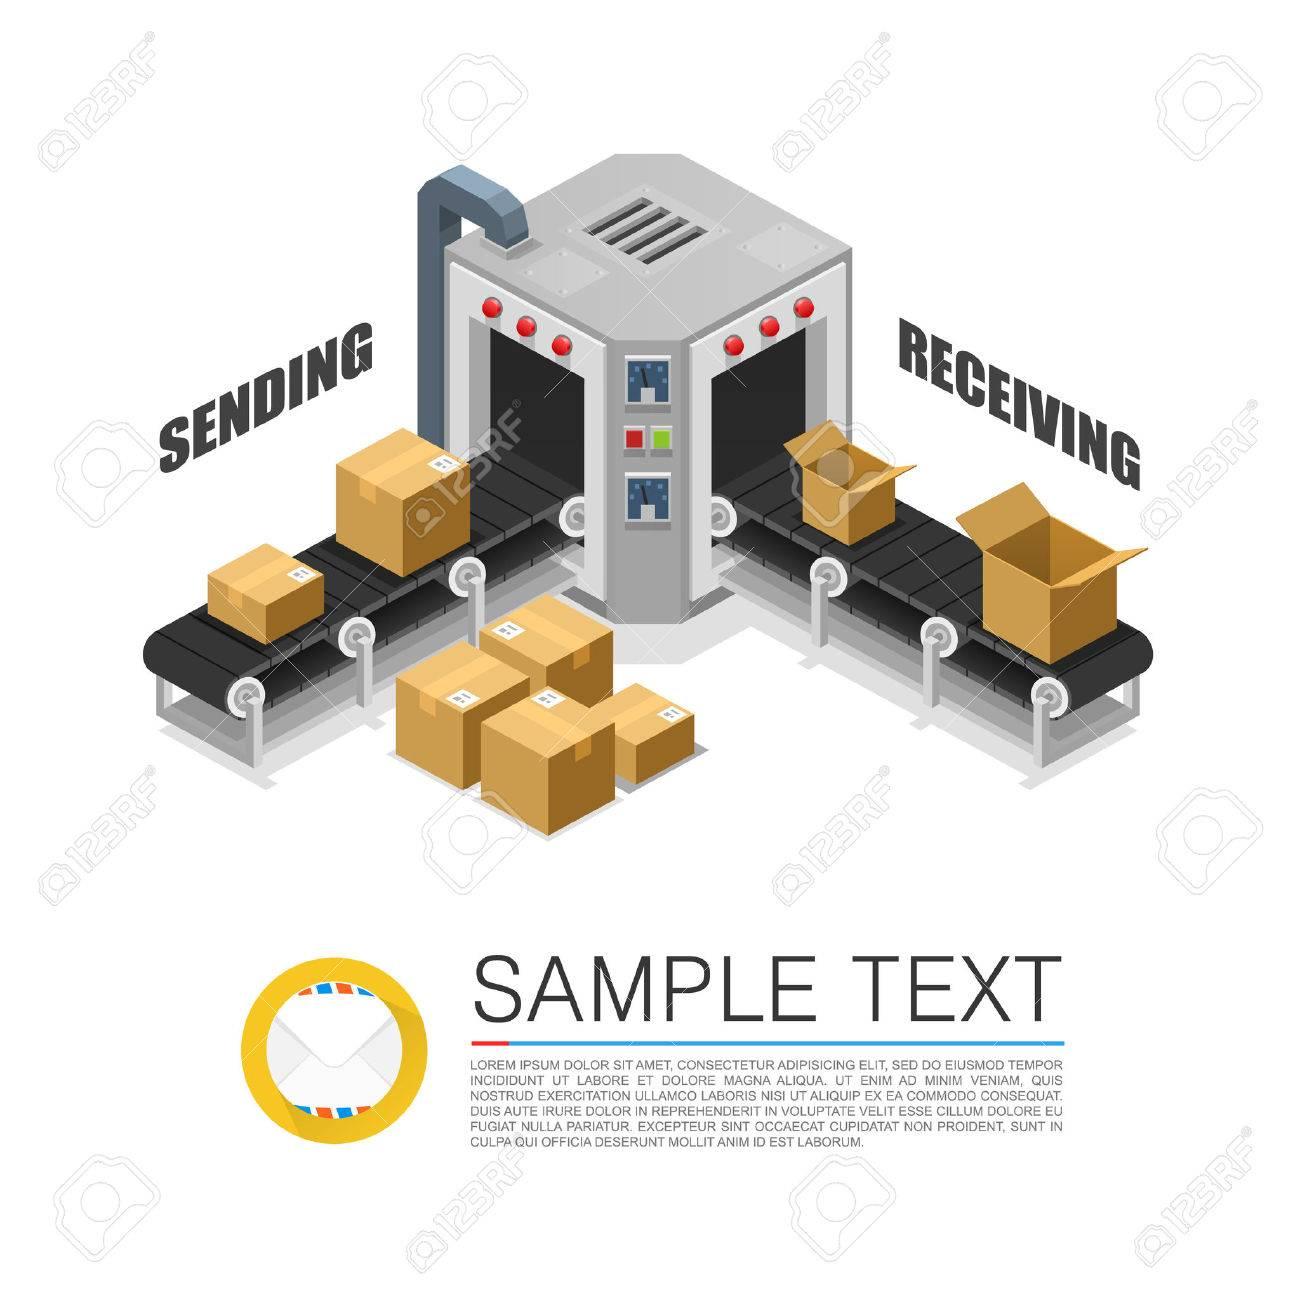 Conveyor packing parcels sign art. Vector illustration Standard-Bild - 47553444